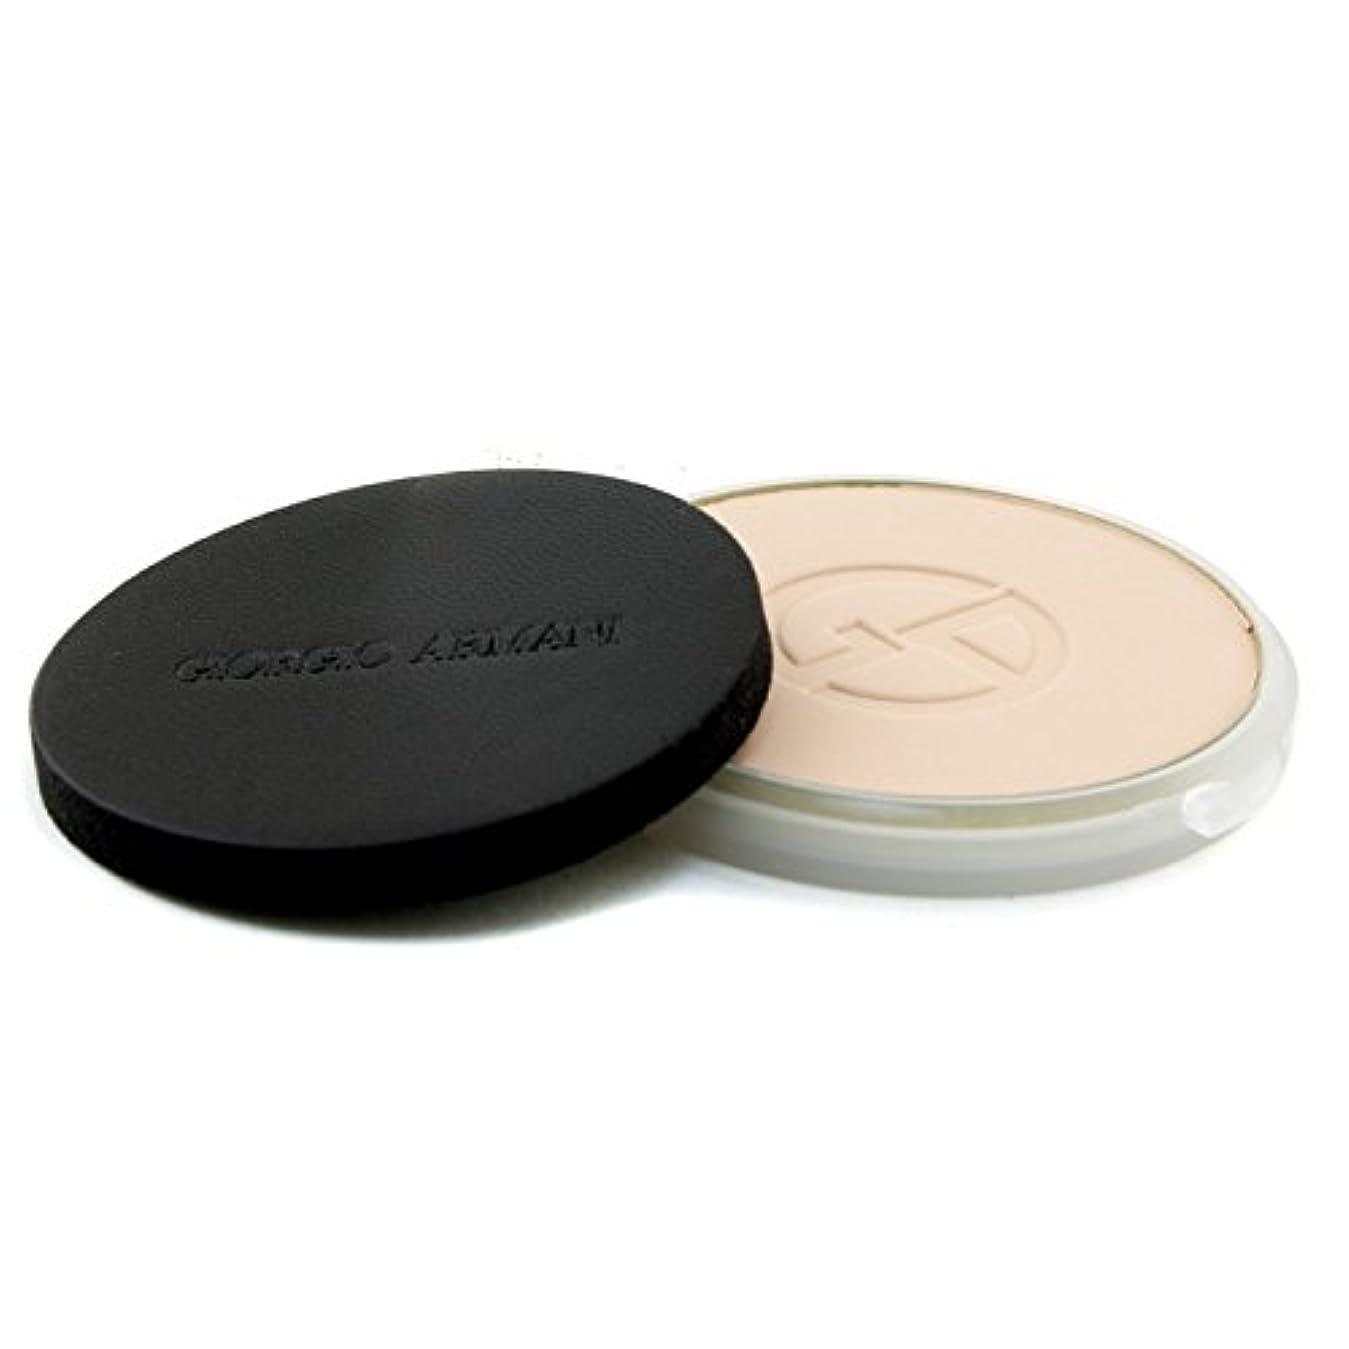 シャーク虫カートンジョルジオアルマーニ Lasting Silk UV Compact Foundation SPF 34 (Refill) - # 3 (Light Sand) 9g/0.3oz並行輸入品